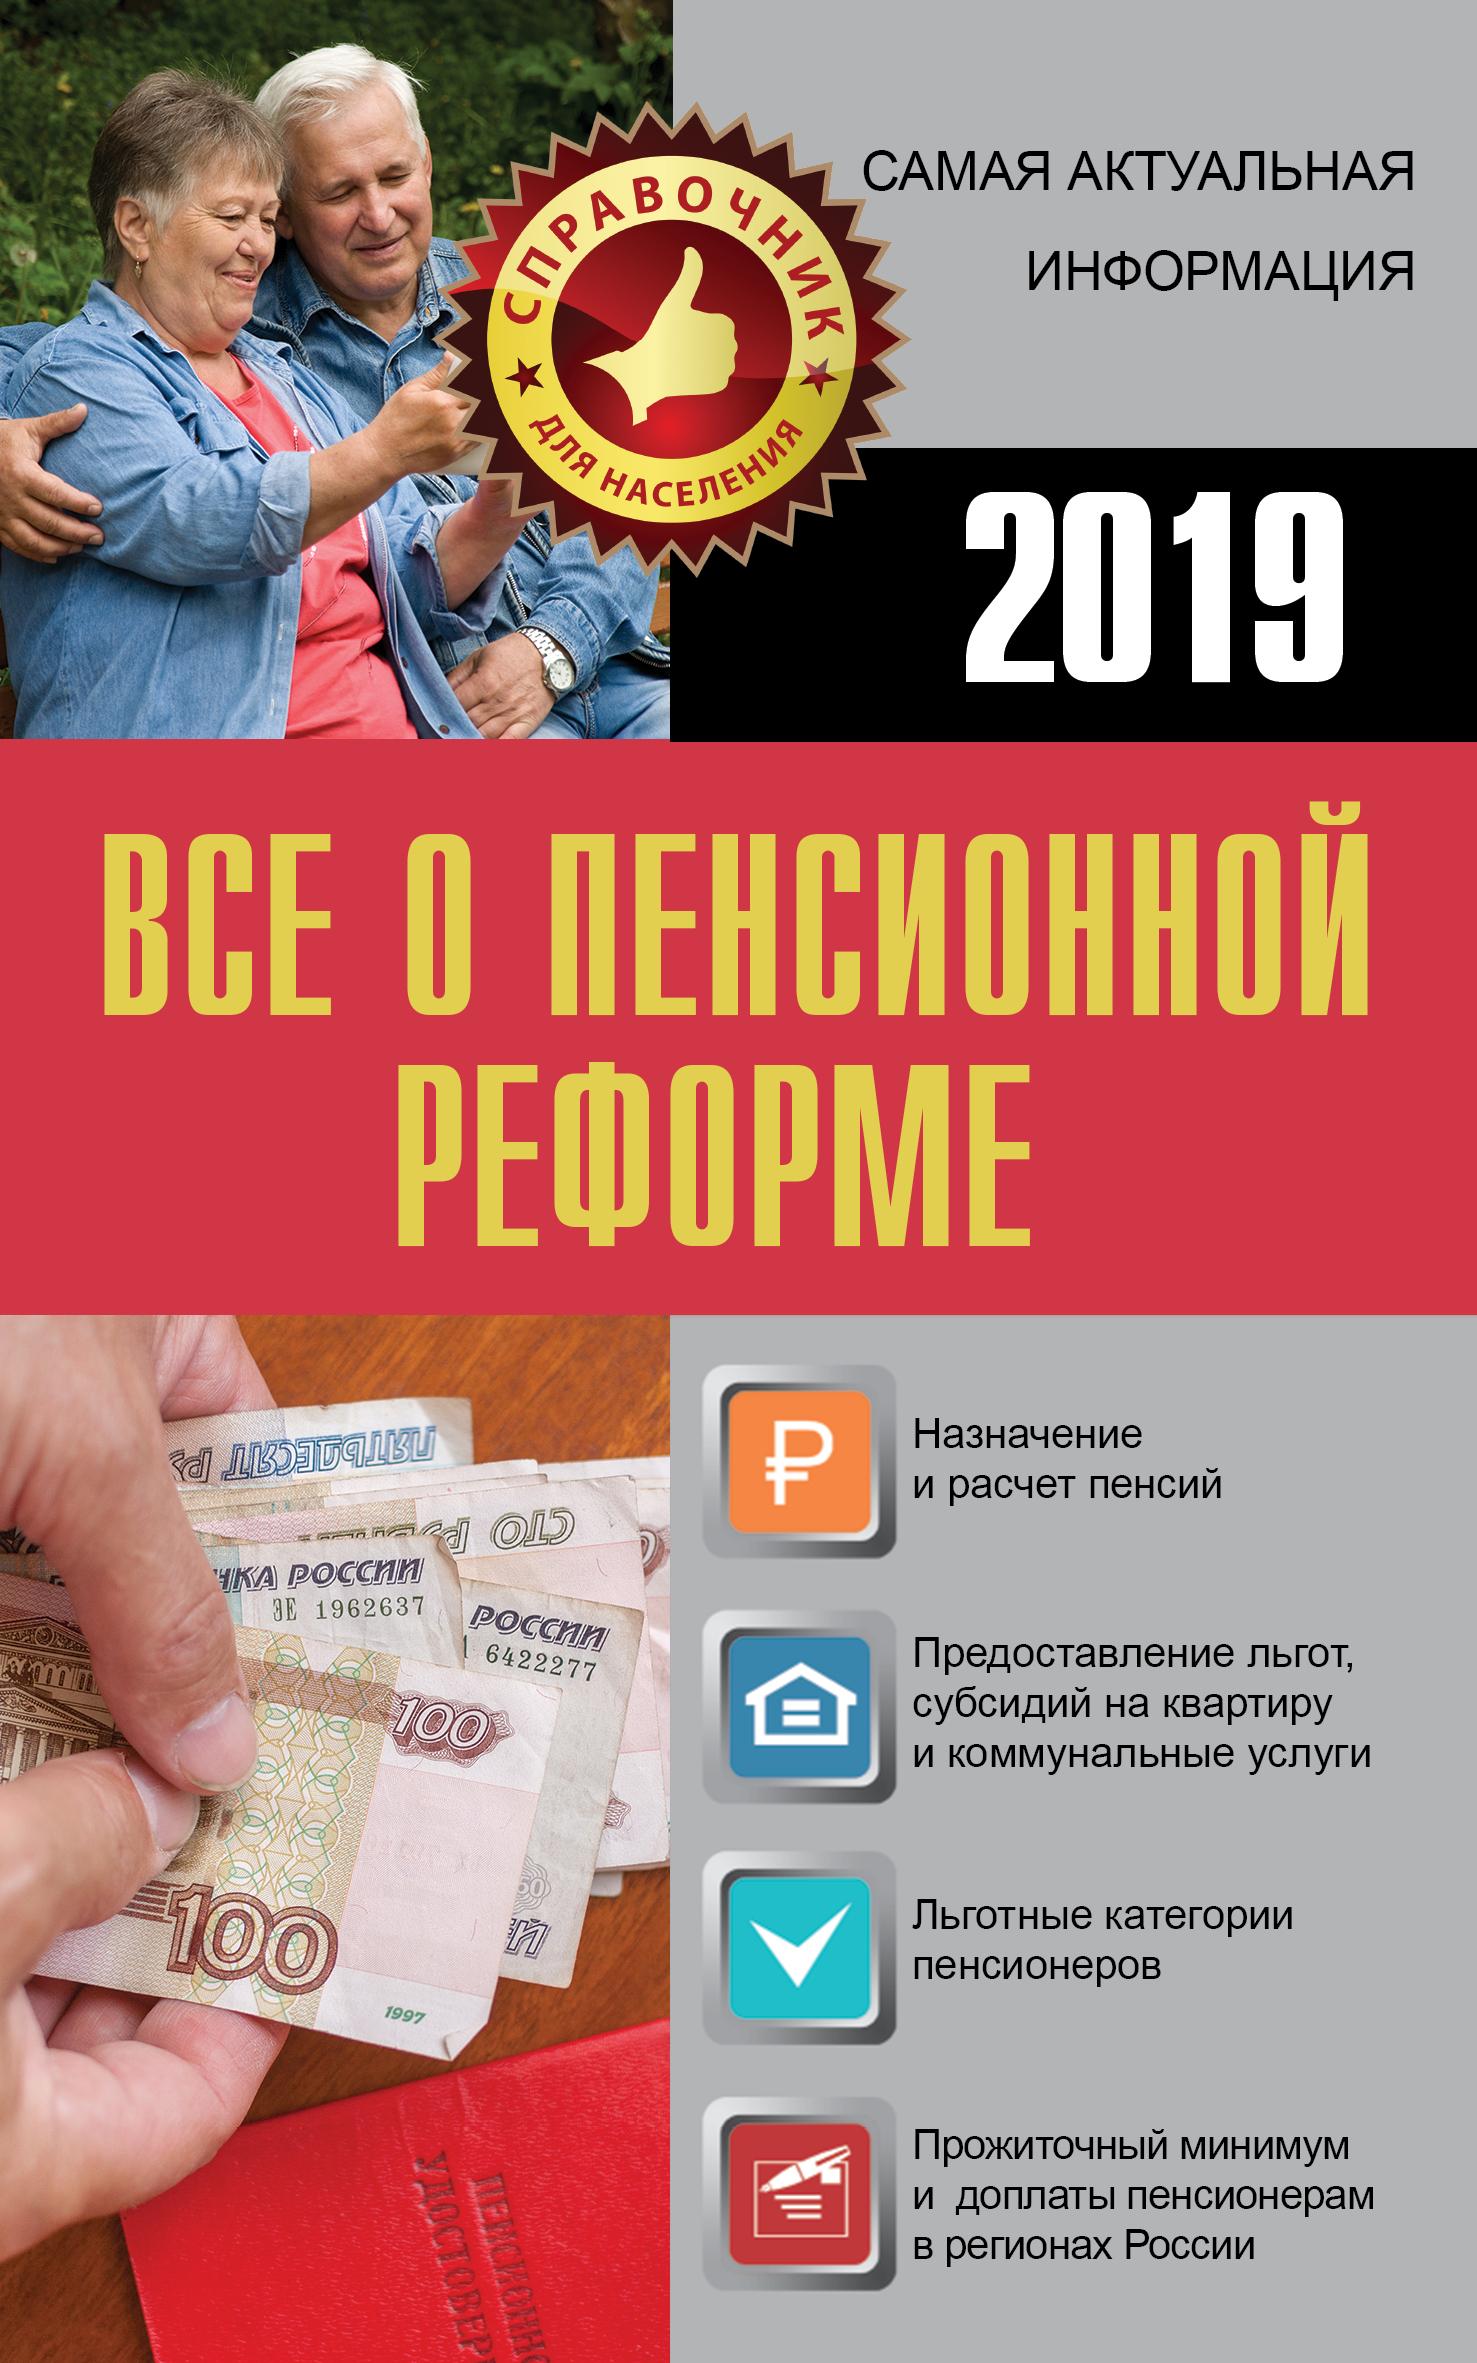 . Все о пенсионной реформе 2019 отсутствует все о пенсионной реформе на 2019 год